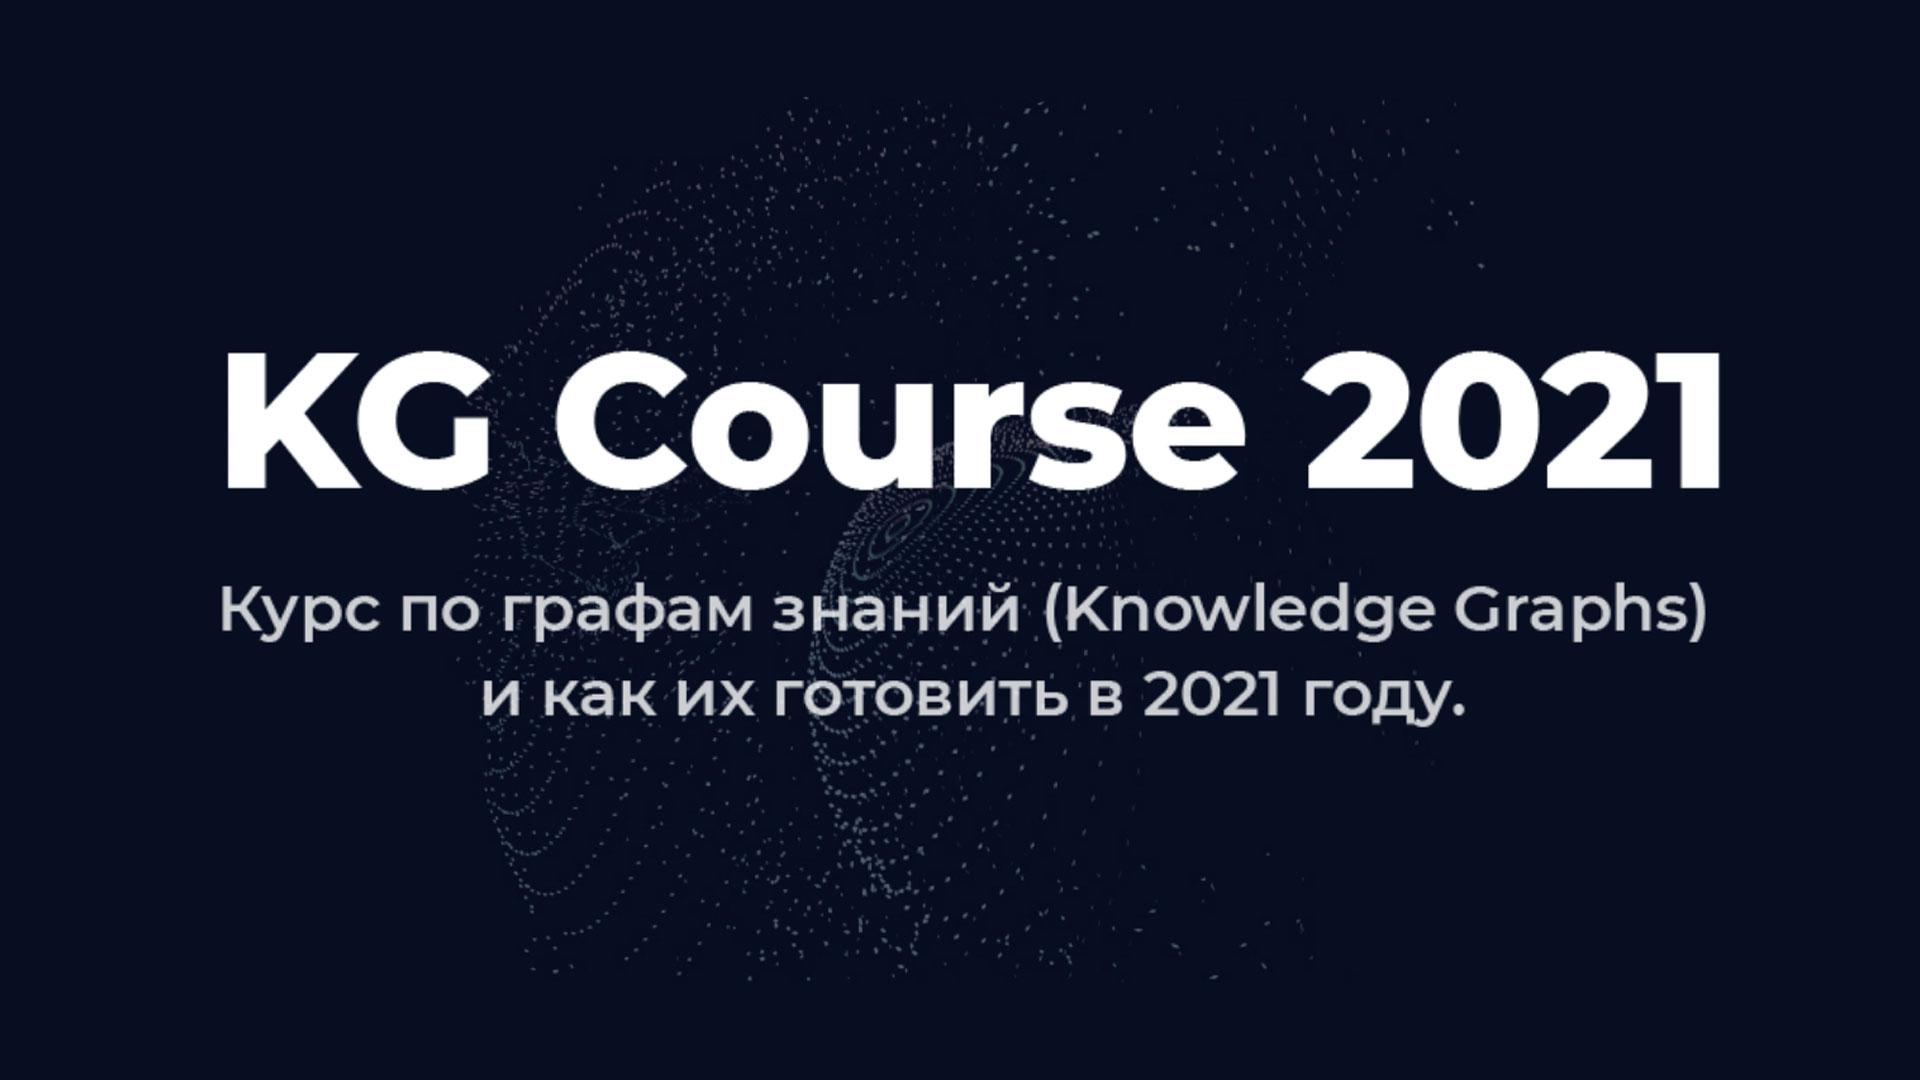 KG Course 2021